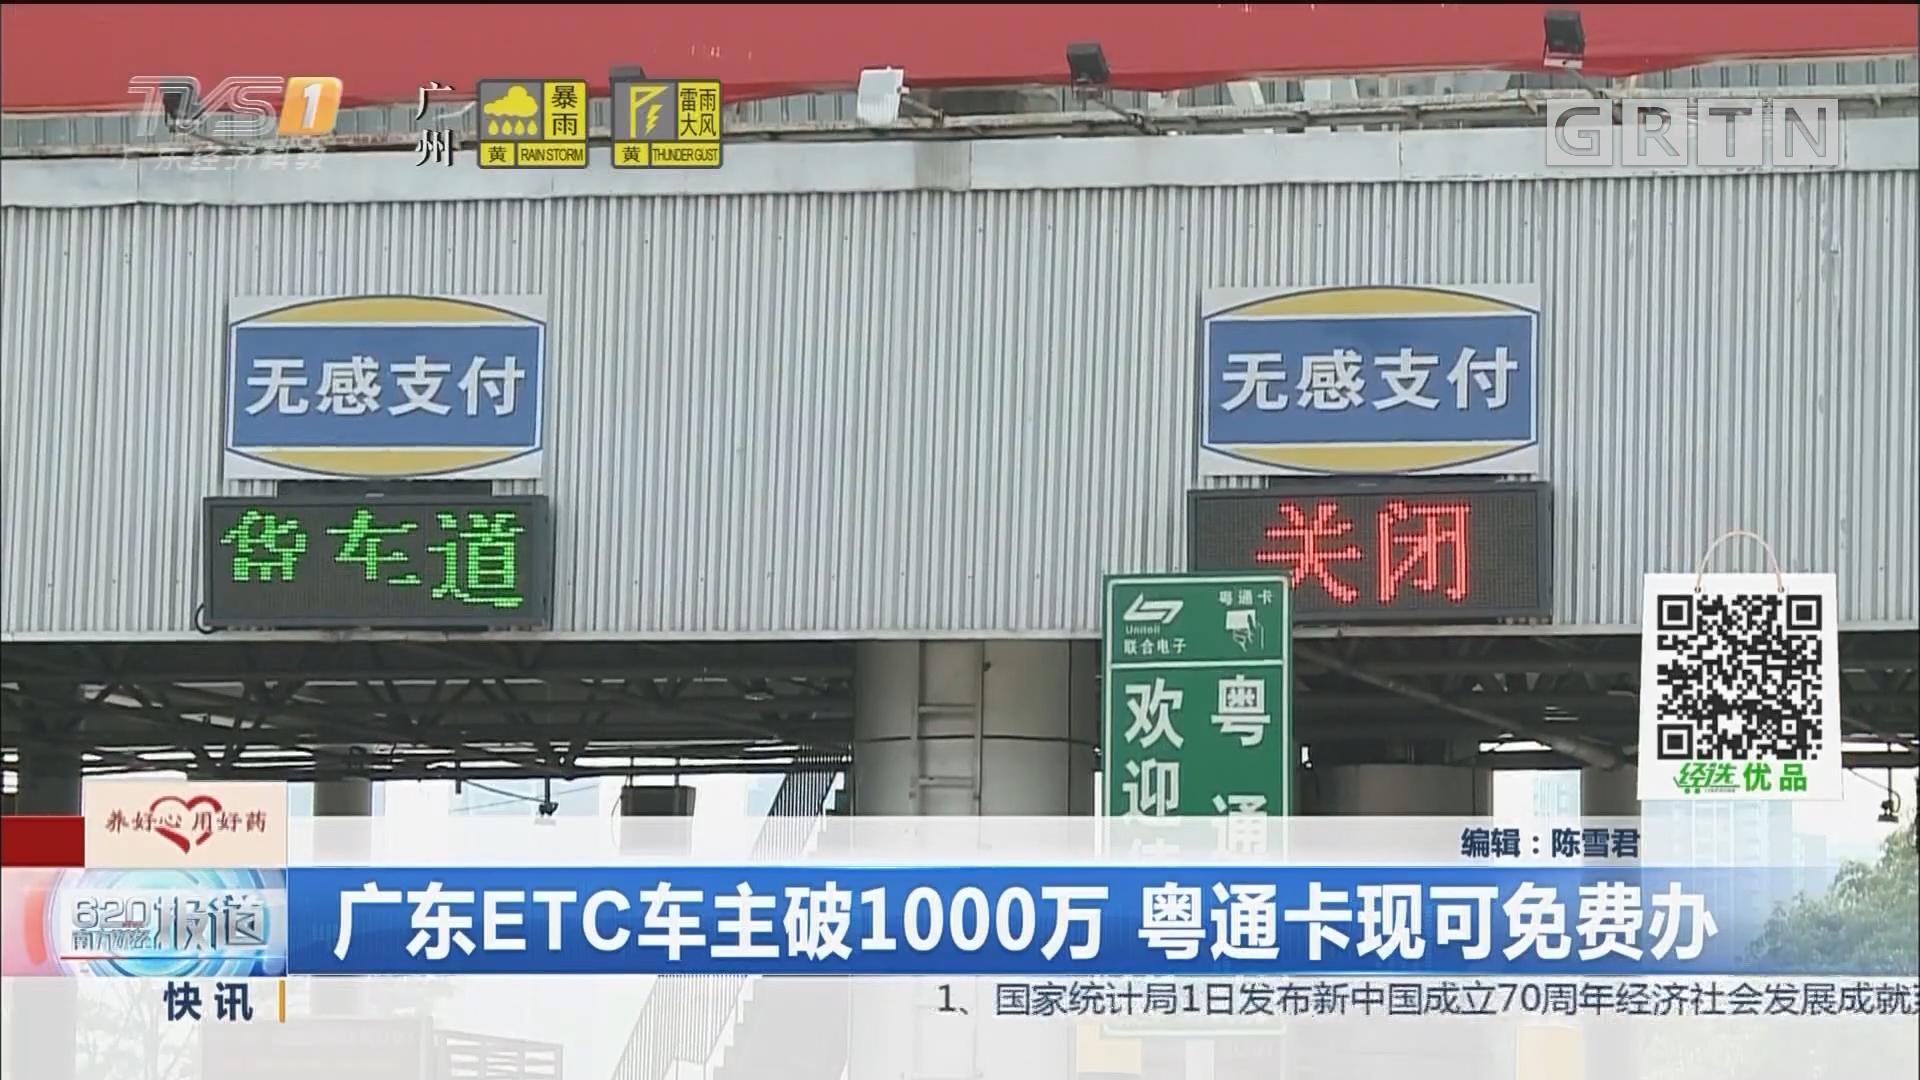 广东ETC车主破1000万 粤通卡现可免费办